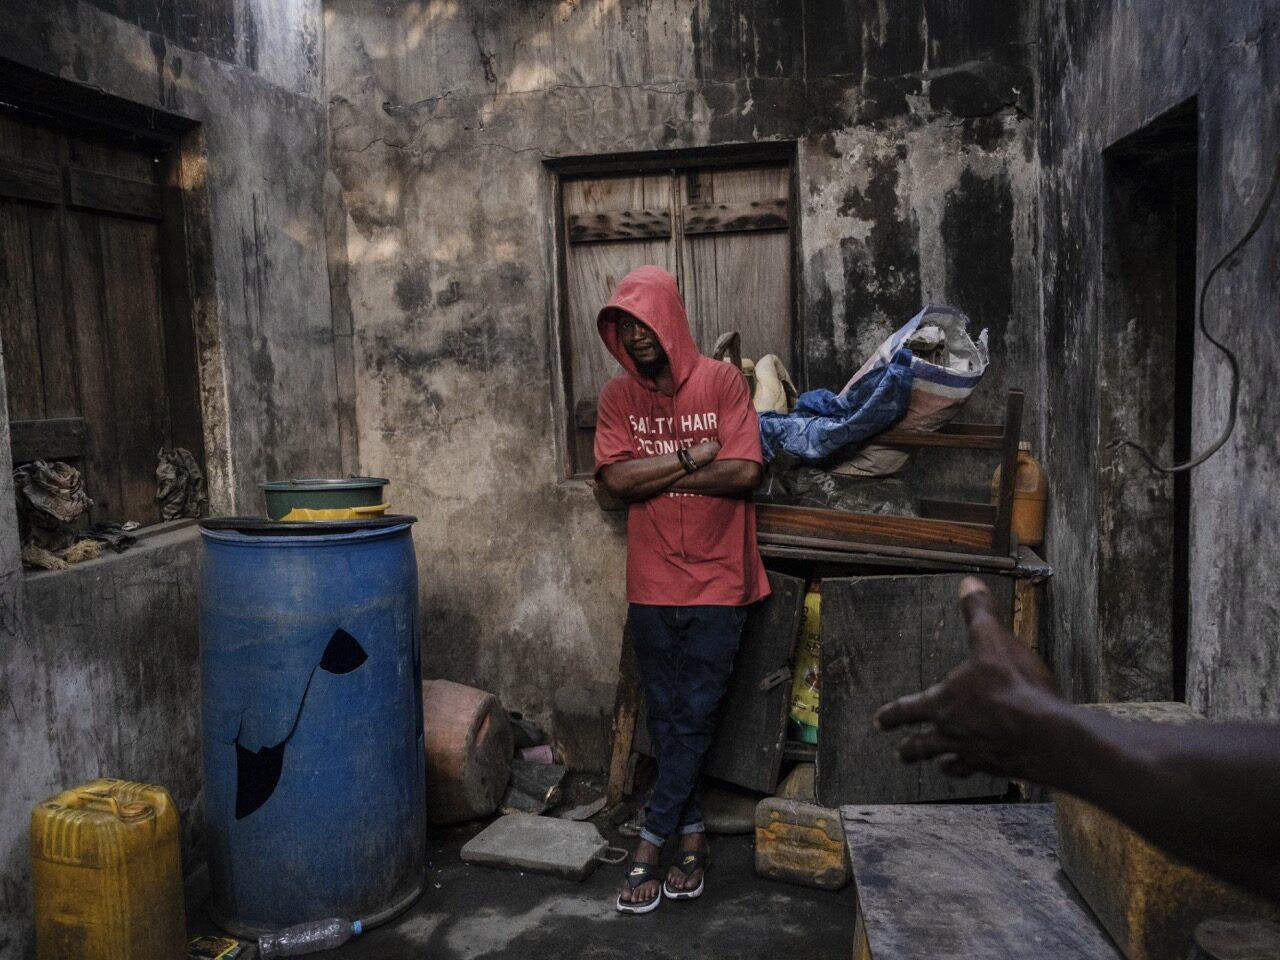 Square One: la vita dei migranti dopo deportazione e rimpatrio, dall'Europa alla Nigeria